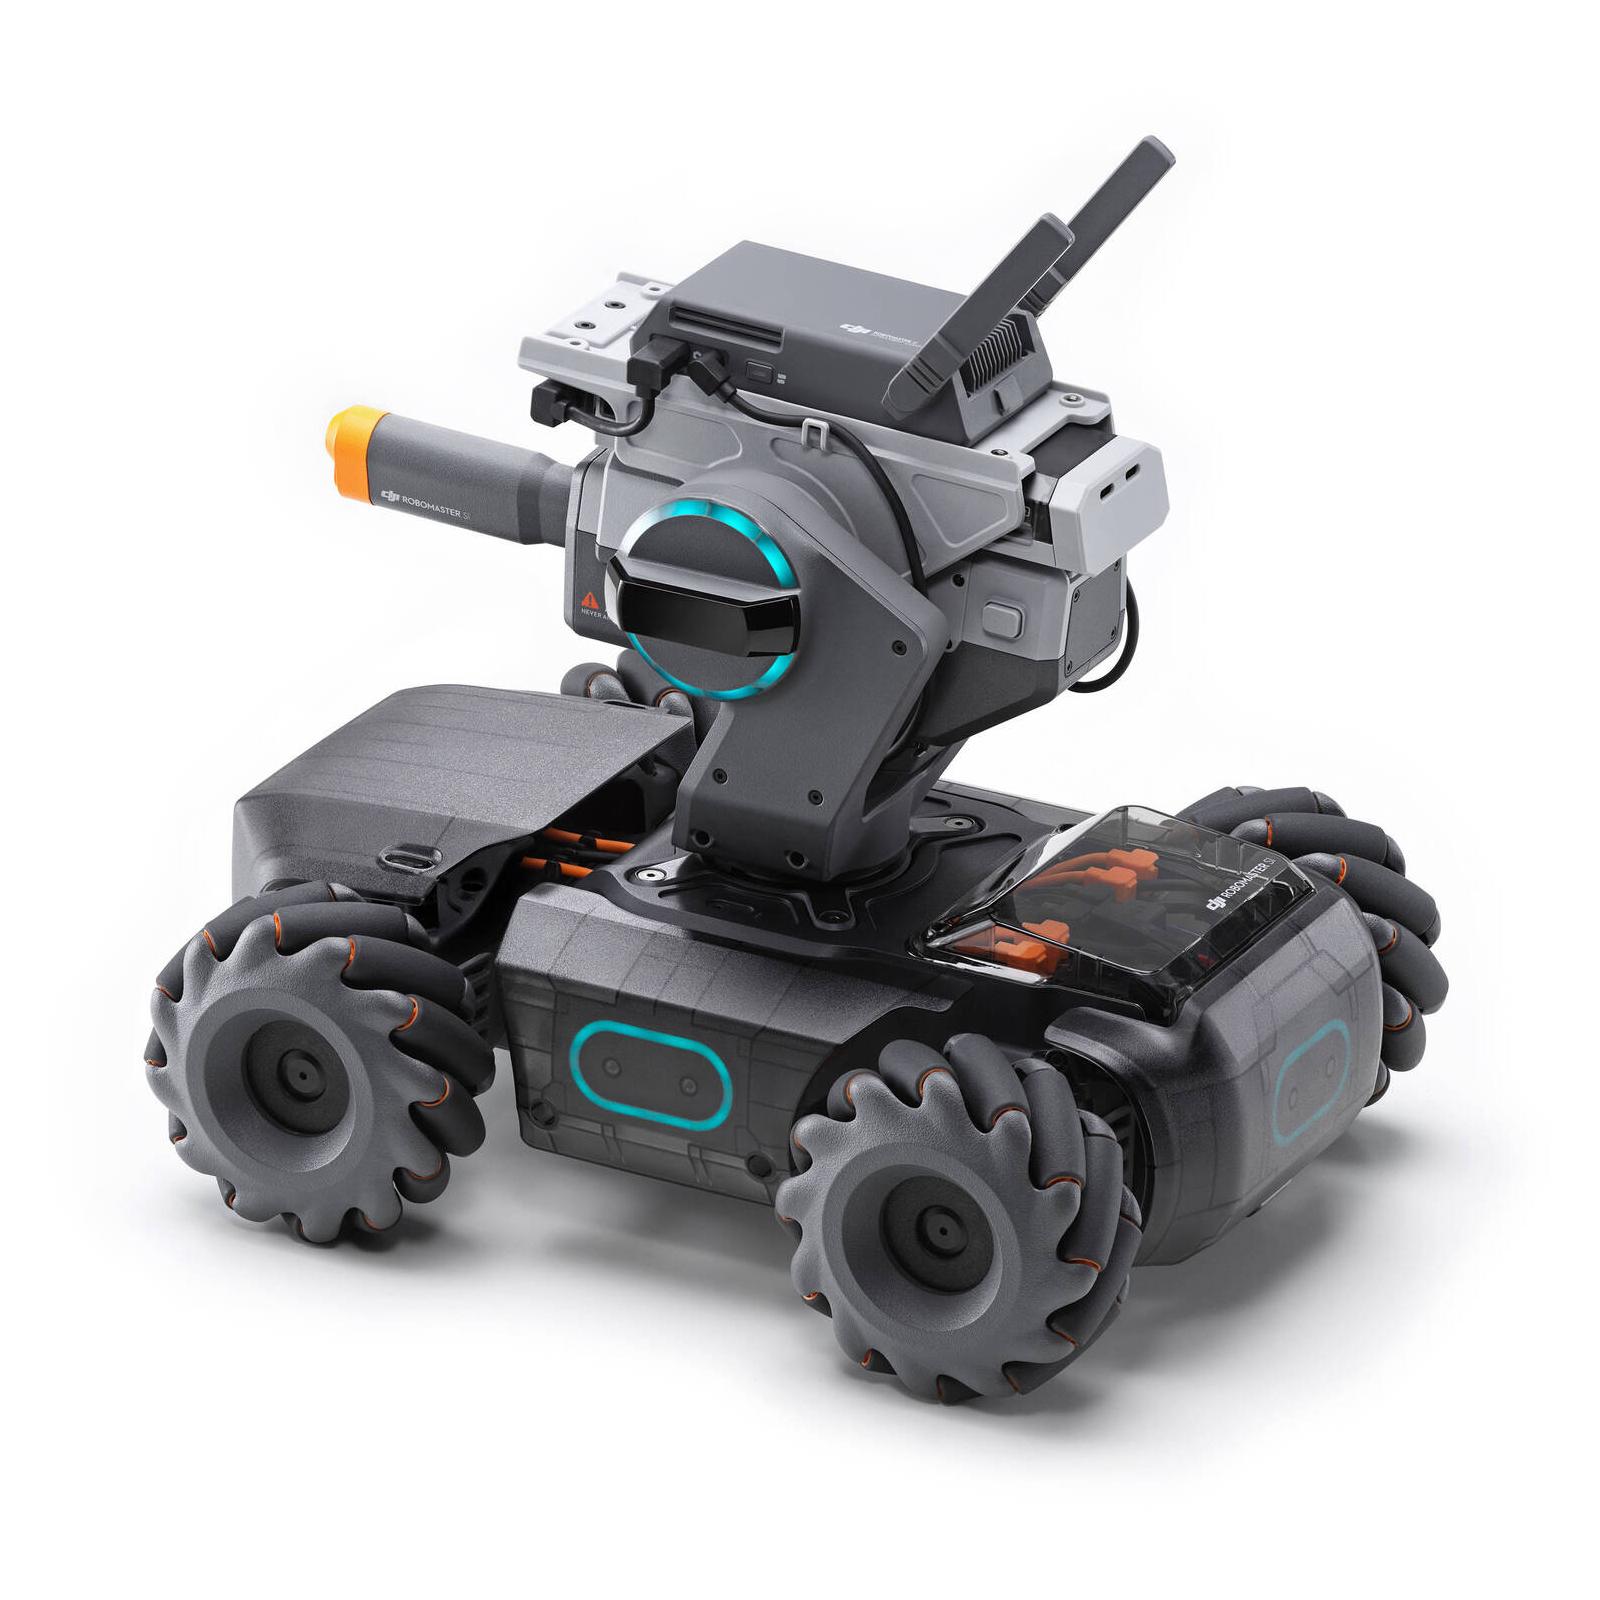 Робот DJI RoboMaster S1 (CP.RM.00000114.01) изображение 8